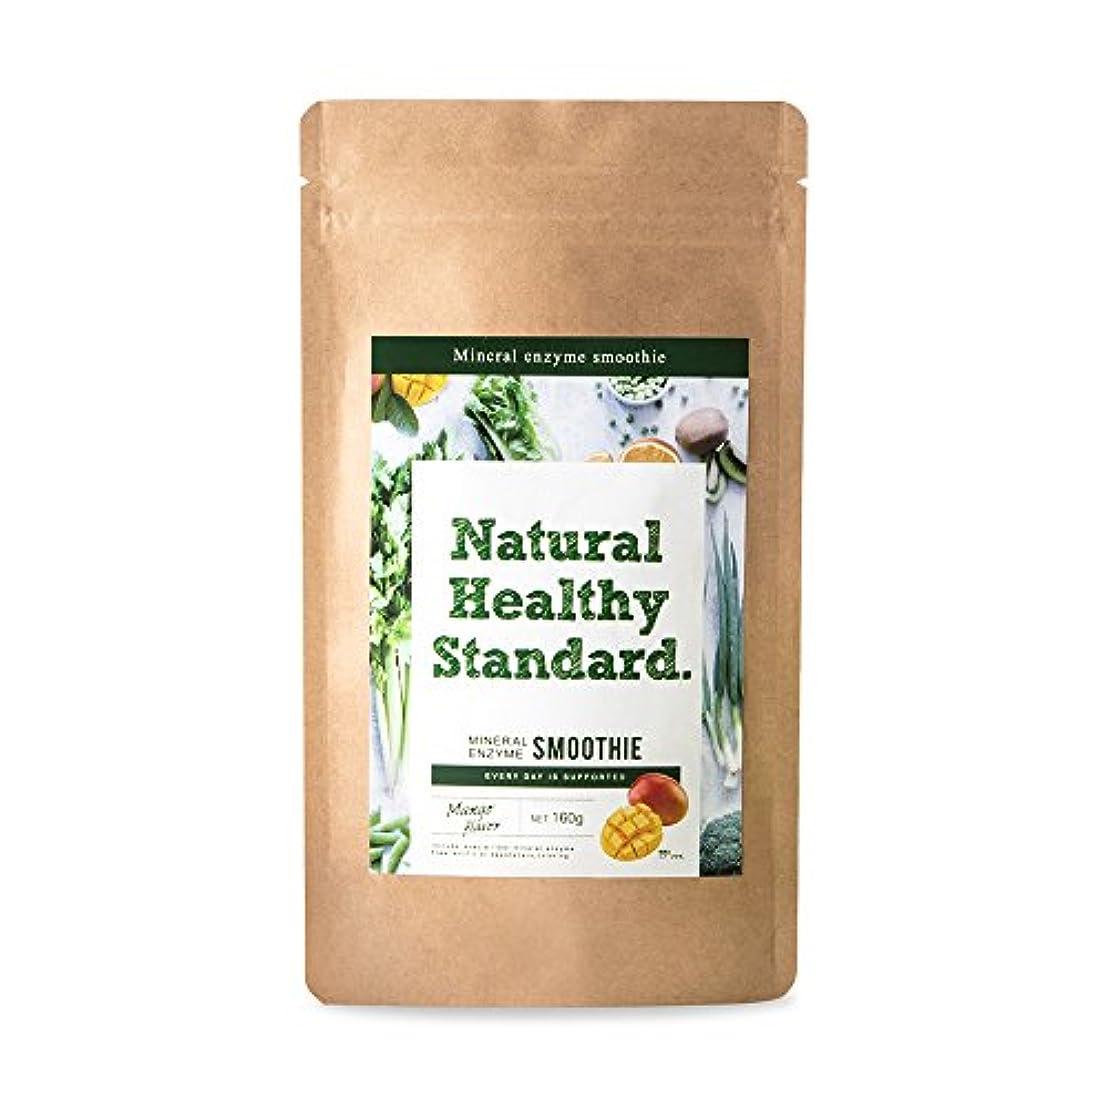 ぴったりスリル起こりやすいNatural Healthy Standard. ミネラル酵素グリーンスムージー マンゴー味 160g (2017年リニューアル品)